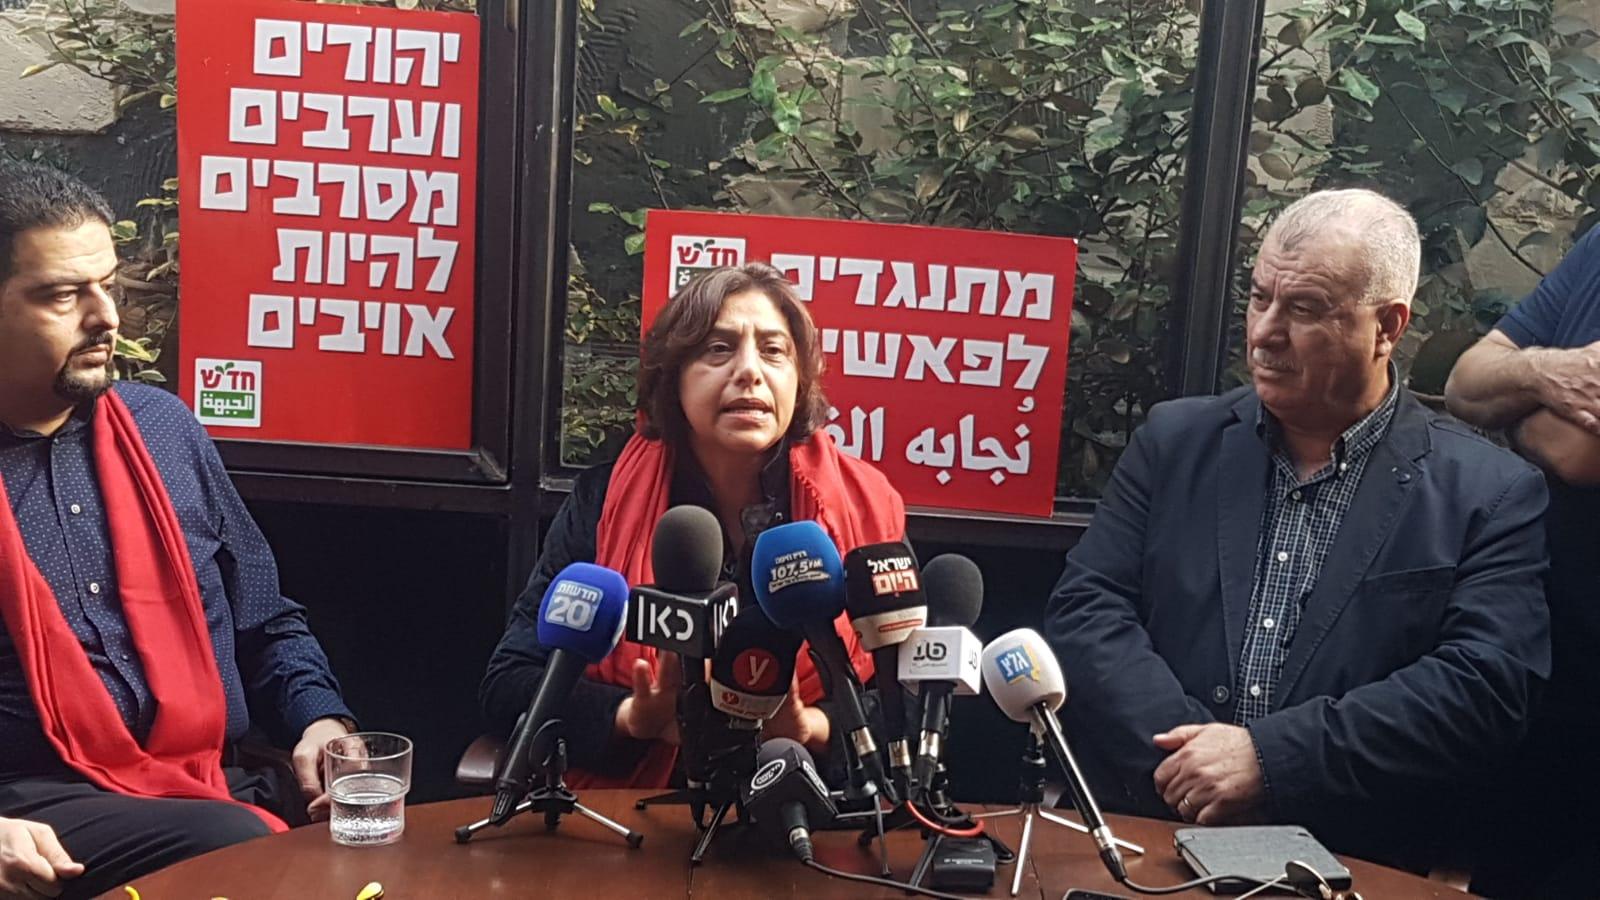 תומך החיזבאללה, זעאתרה, לא ישמש כסגן ראש העיר בחיפה. סגניתו, תומכת חמאס – כן